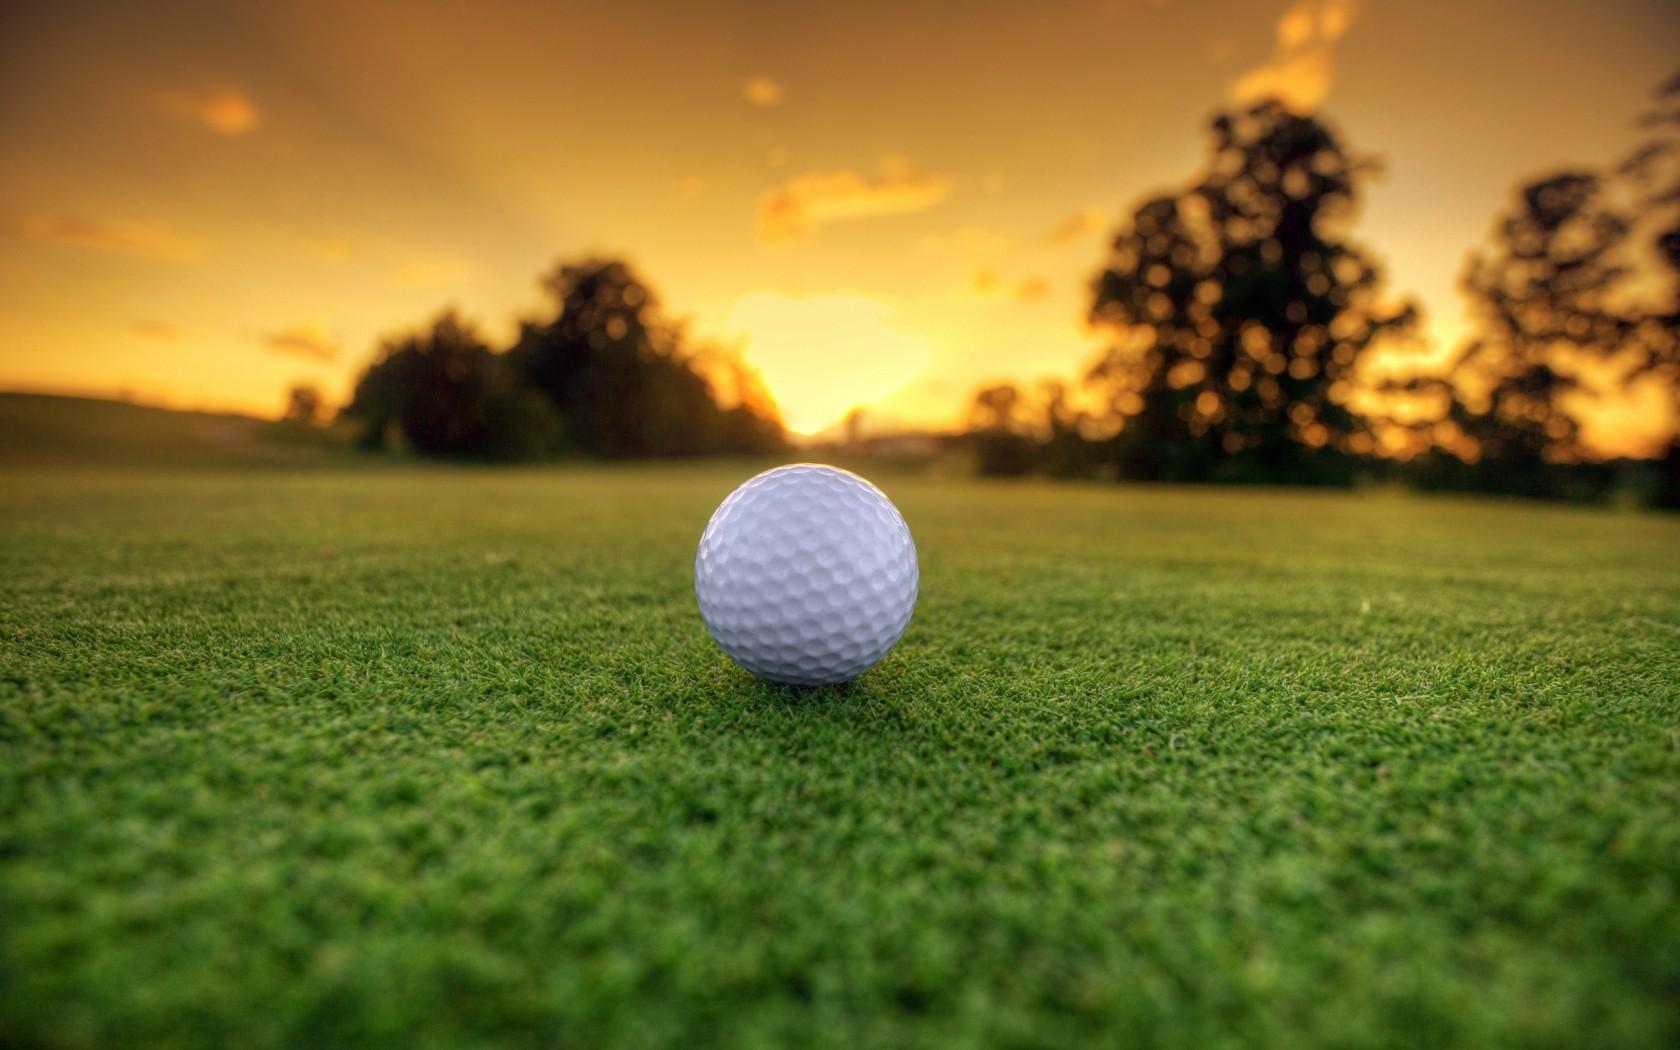 Balle-golf-soleil